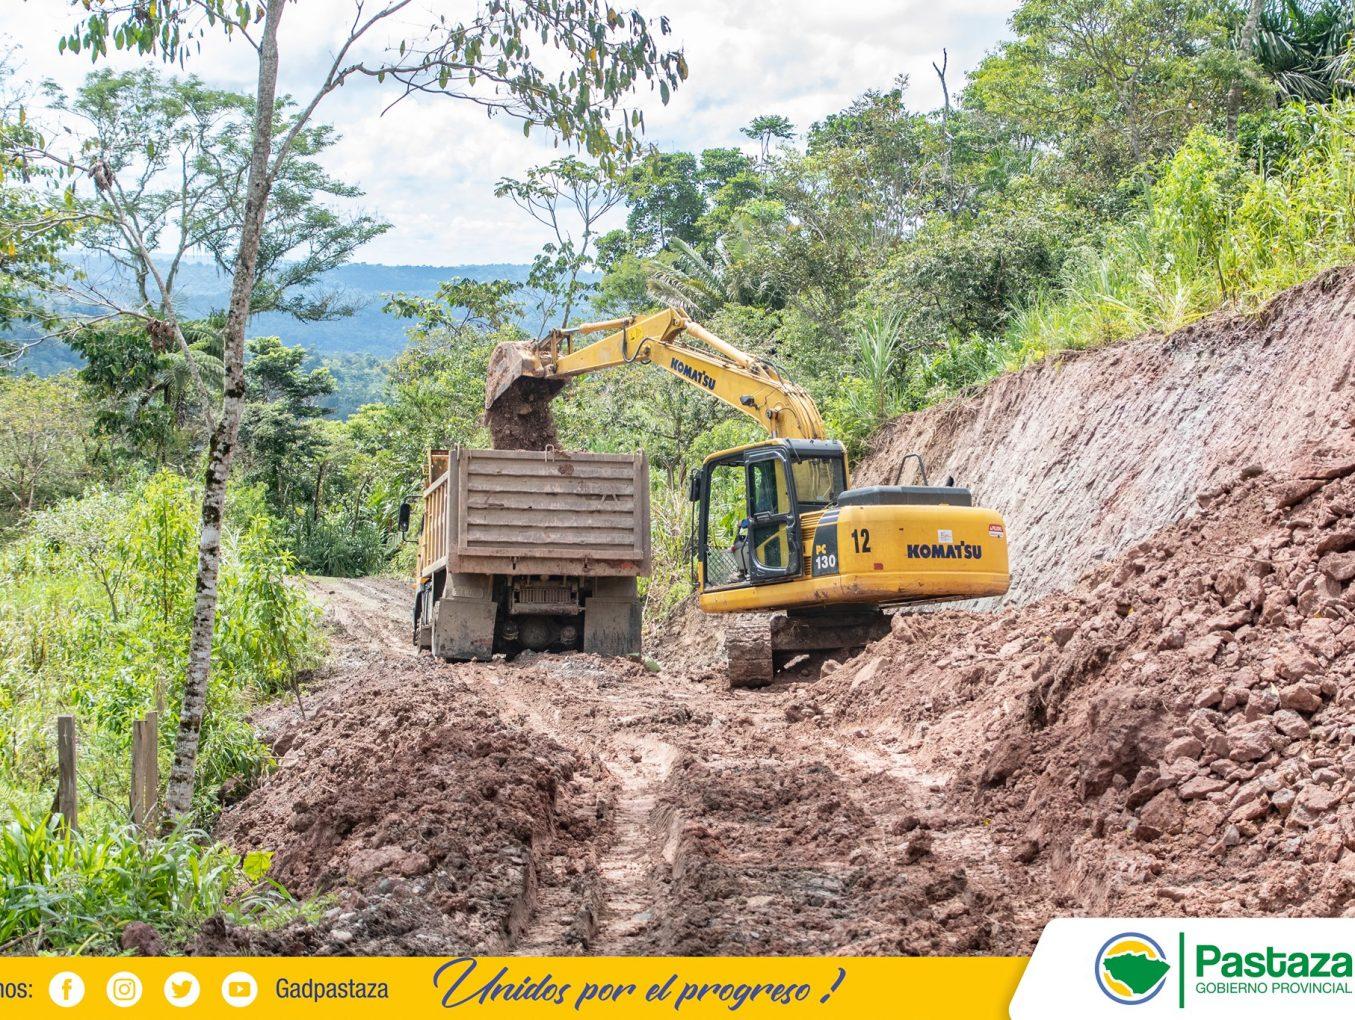 Maquinaria de la Prefectura de Pastaza trabaja en el mantenimiento de la vía a los Andinos.